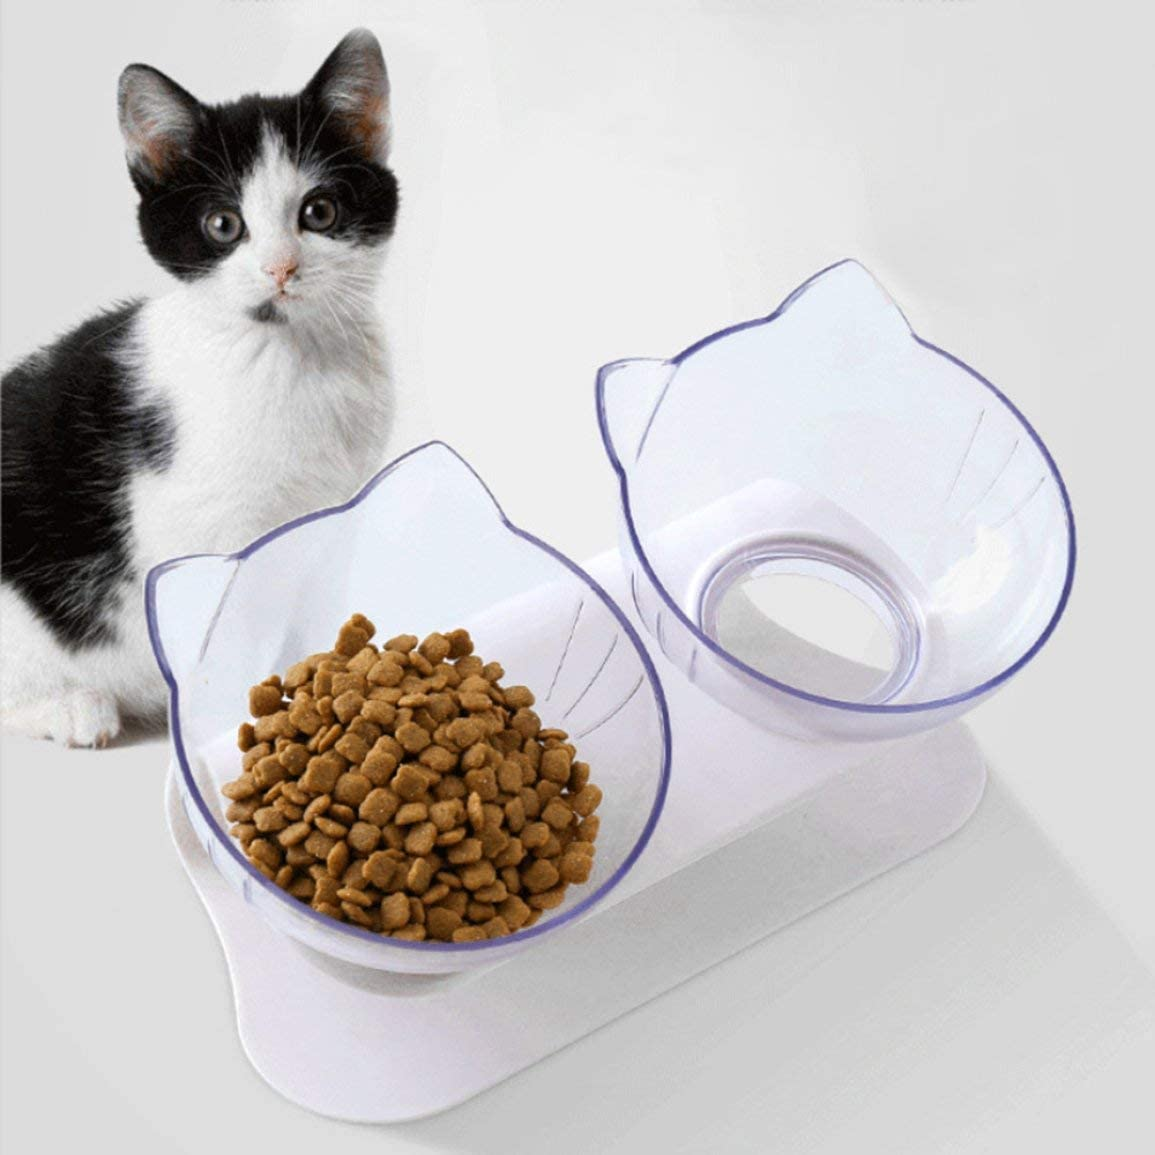 Taz/ón para Mascotas ortop/édico Anti-v/ómitos BPA y pl/ástico Libre de t/óxicos Taz/ón para el Cuello para Mascotas Gato Perro Proteger Taz/ón Cervical 1PCS